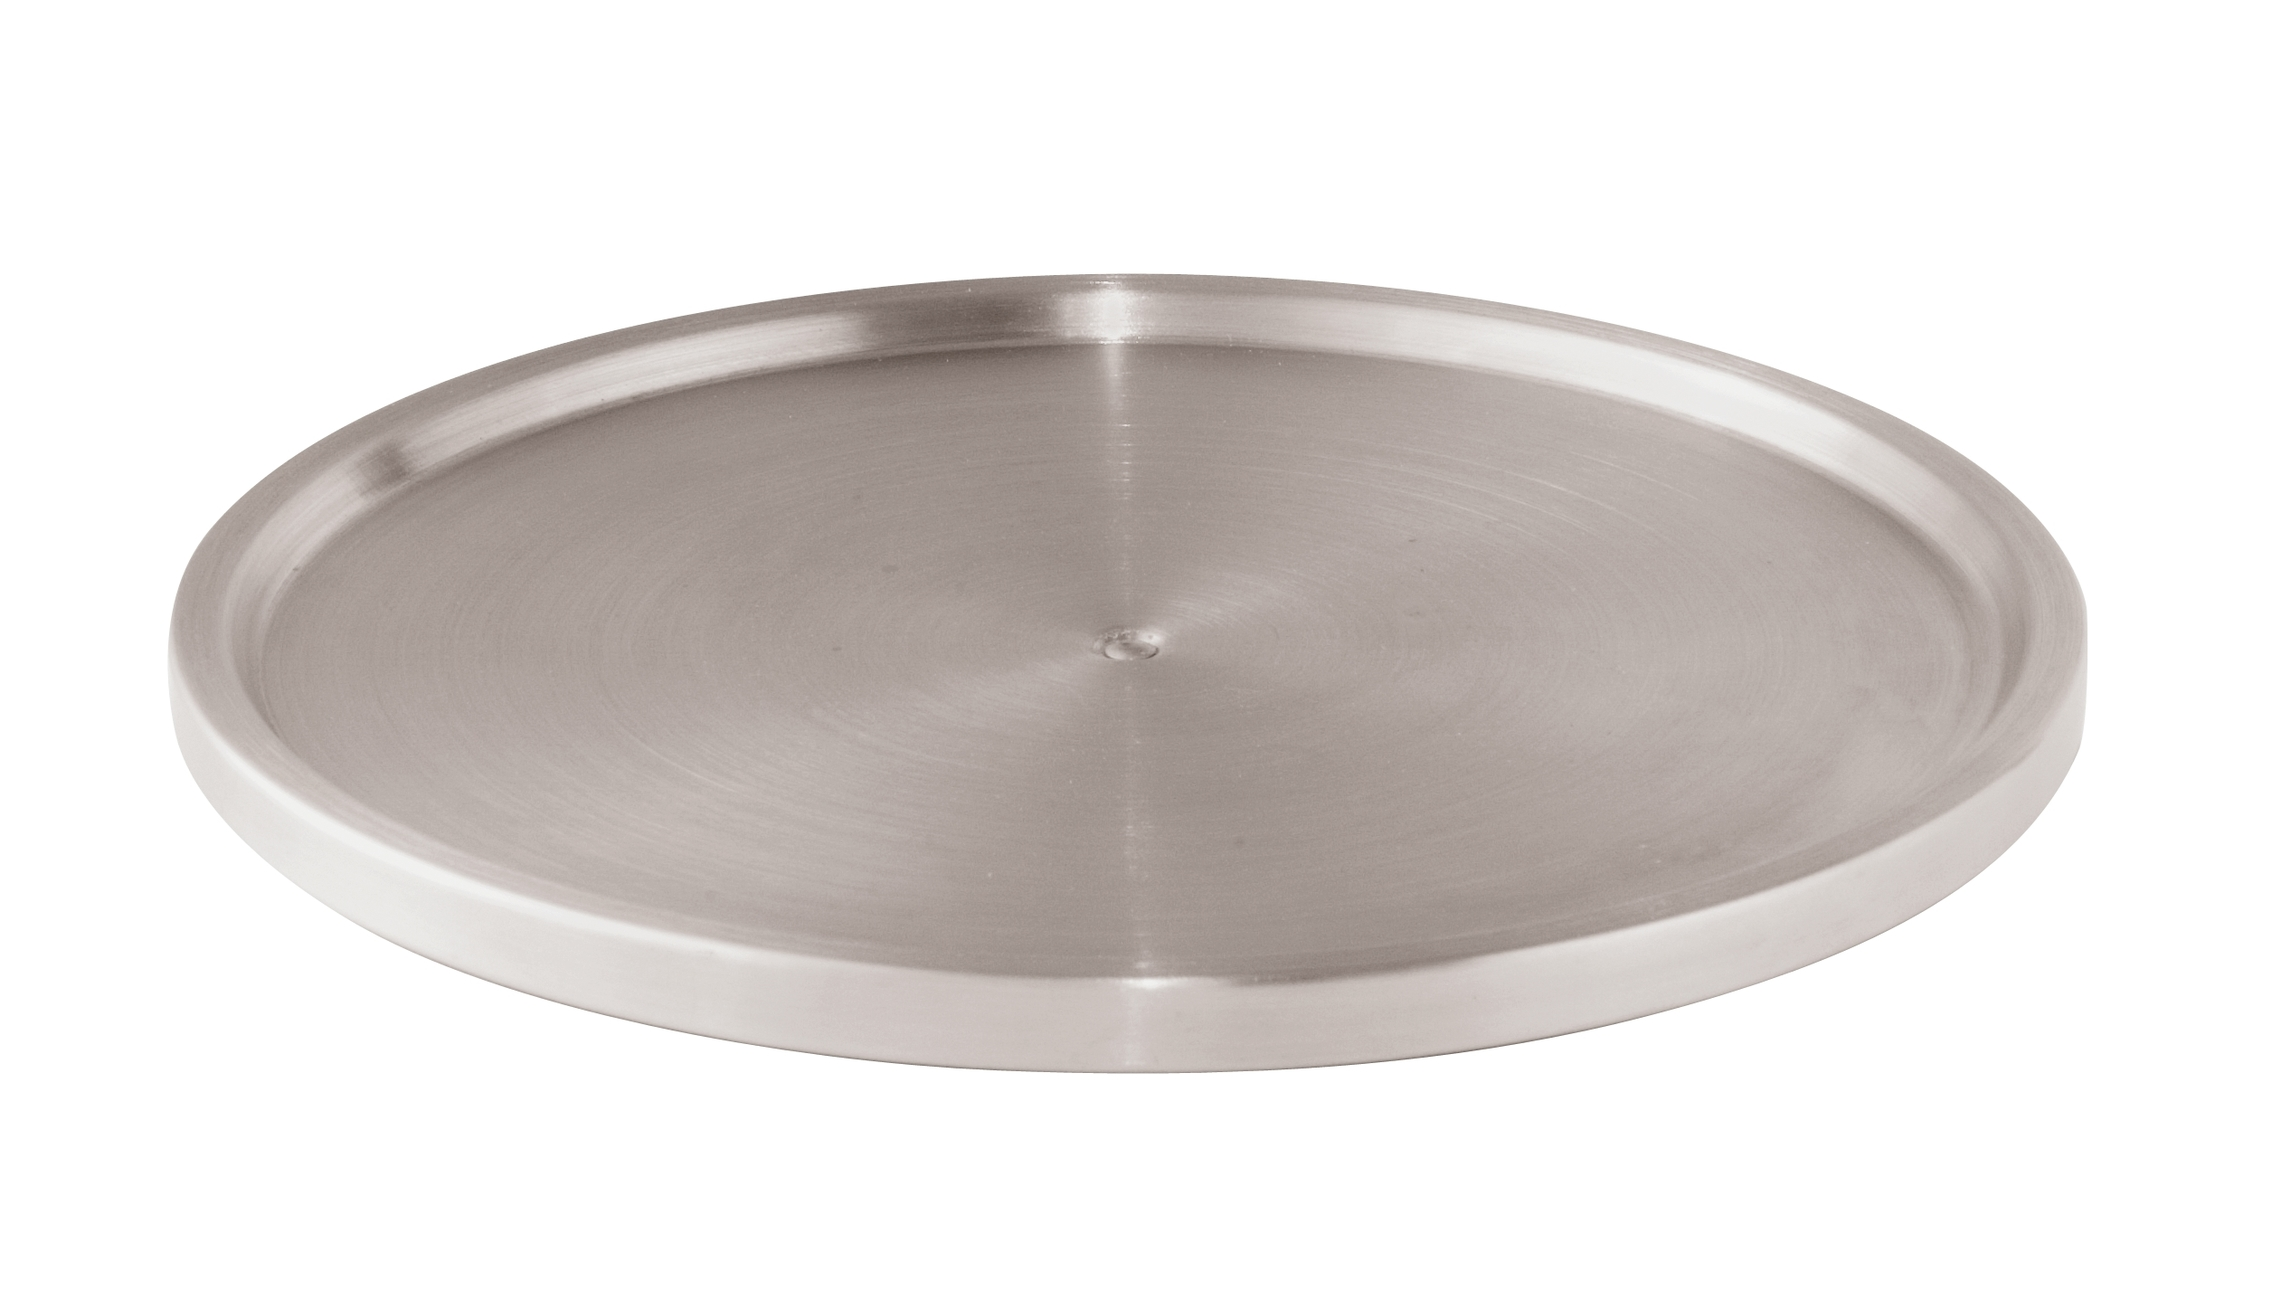 Кухонная подставка ХИТ - декор 01943 на авто есть штрафы можно ли поставить ее на учет